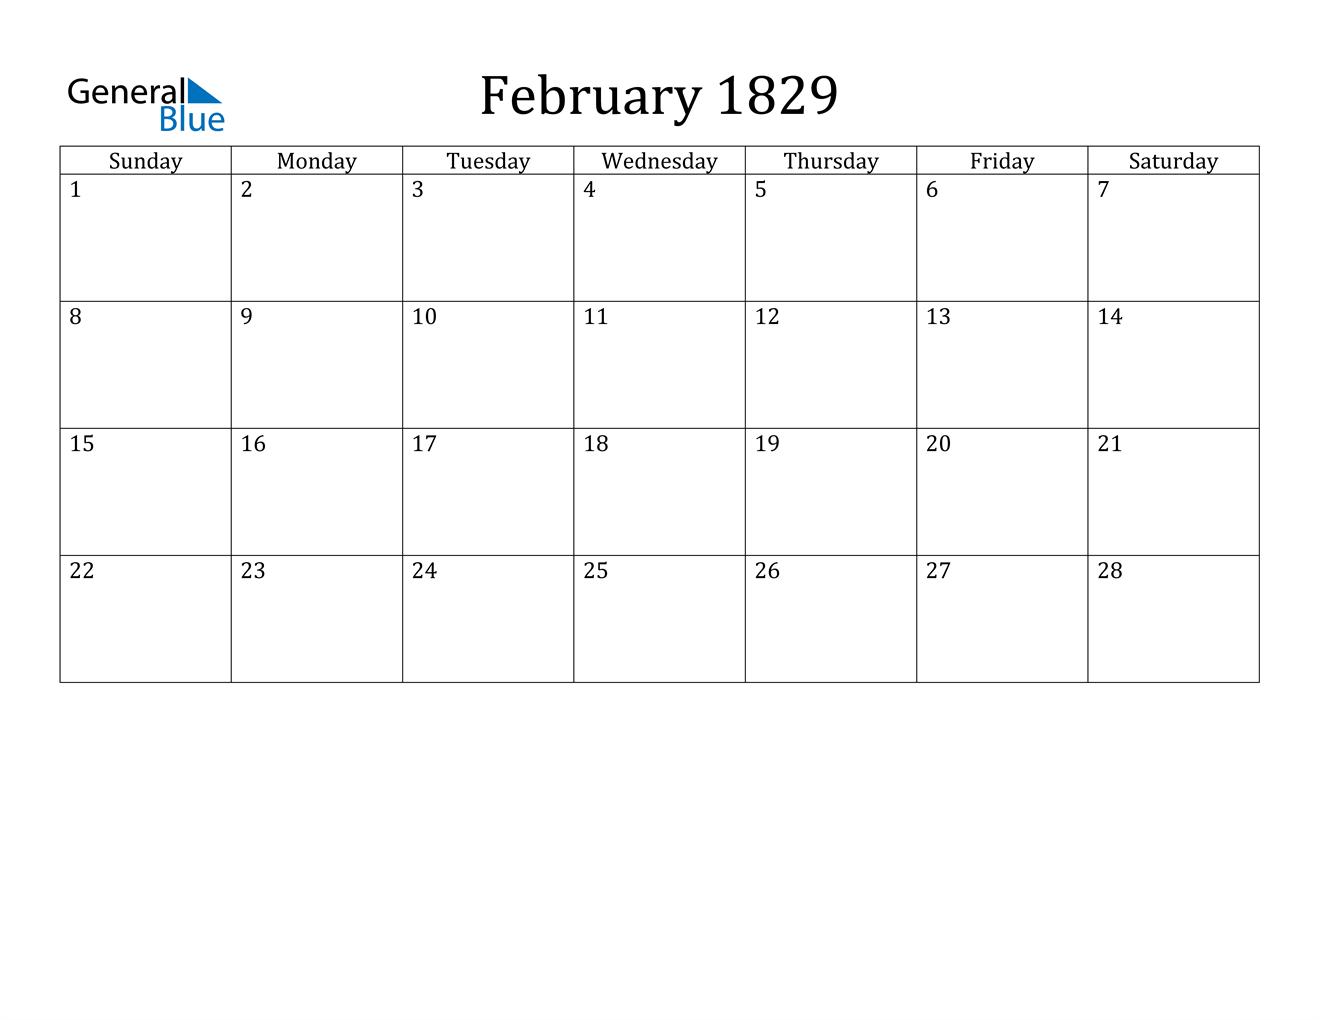 Image of February 1829 Calendar